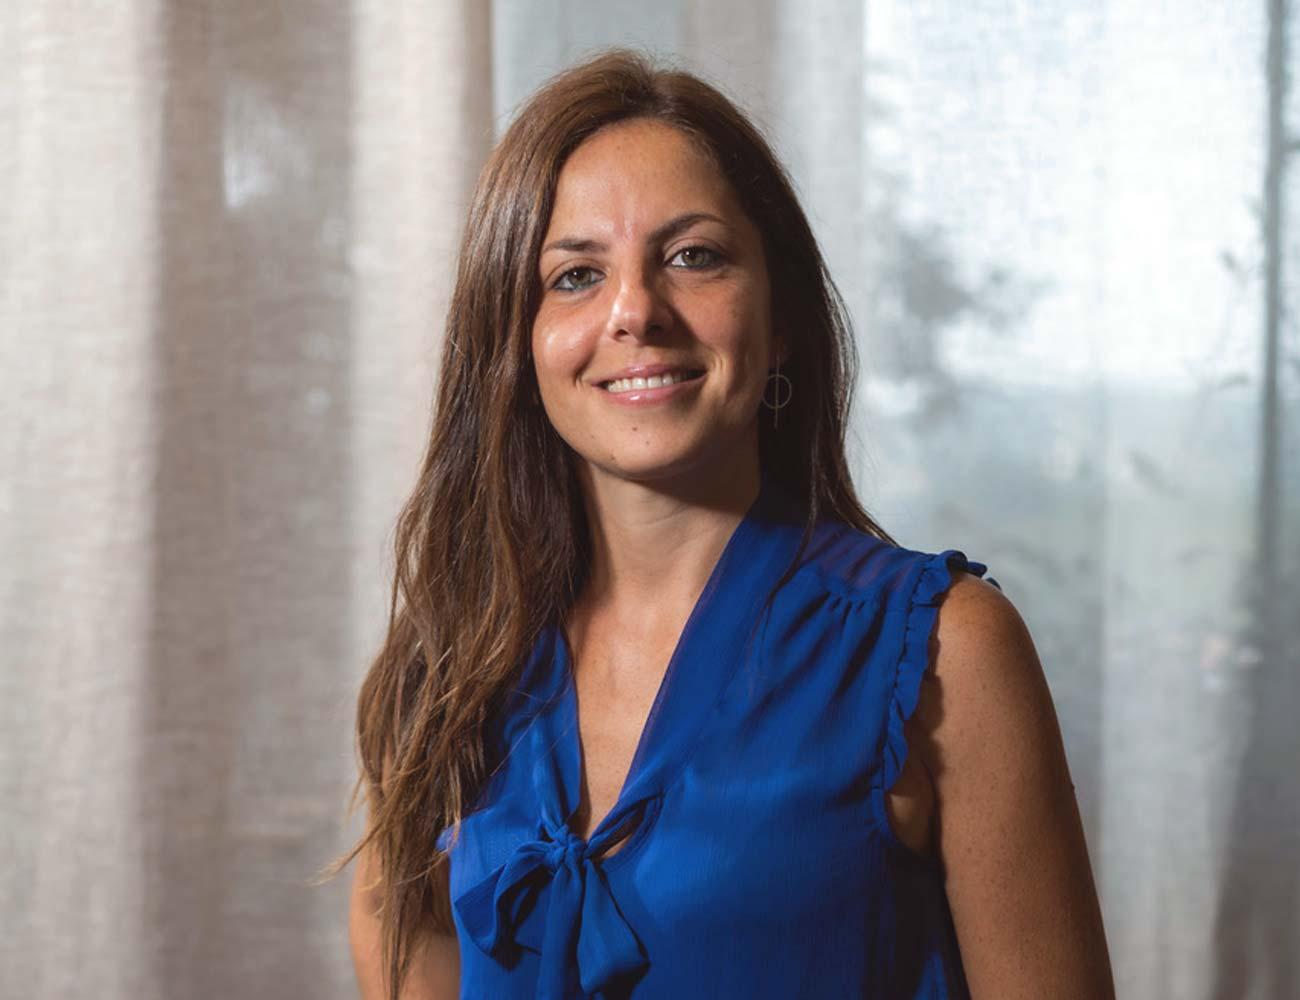 Sara Ester Savini